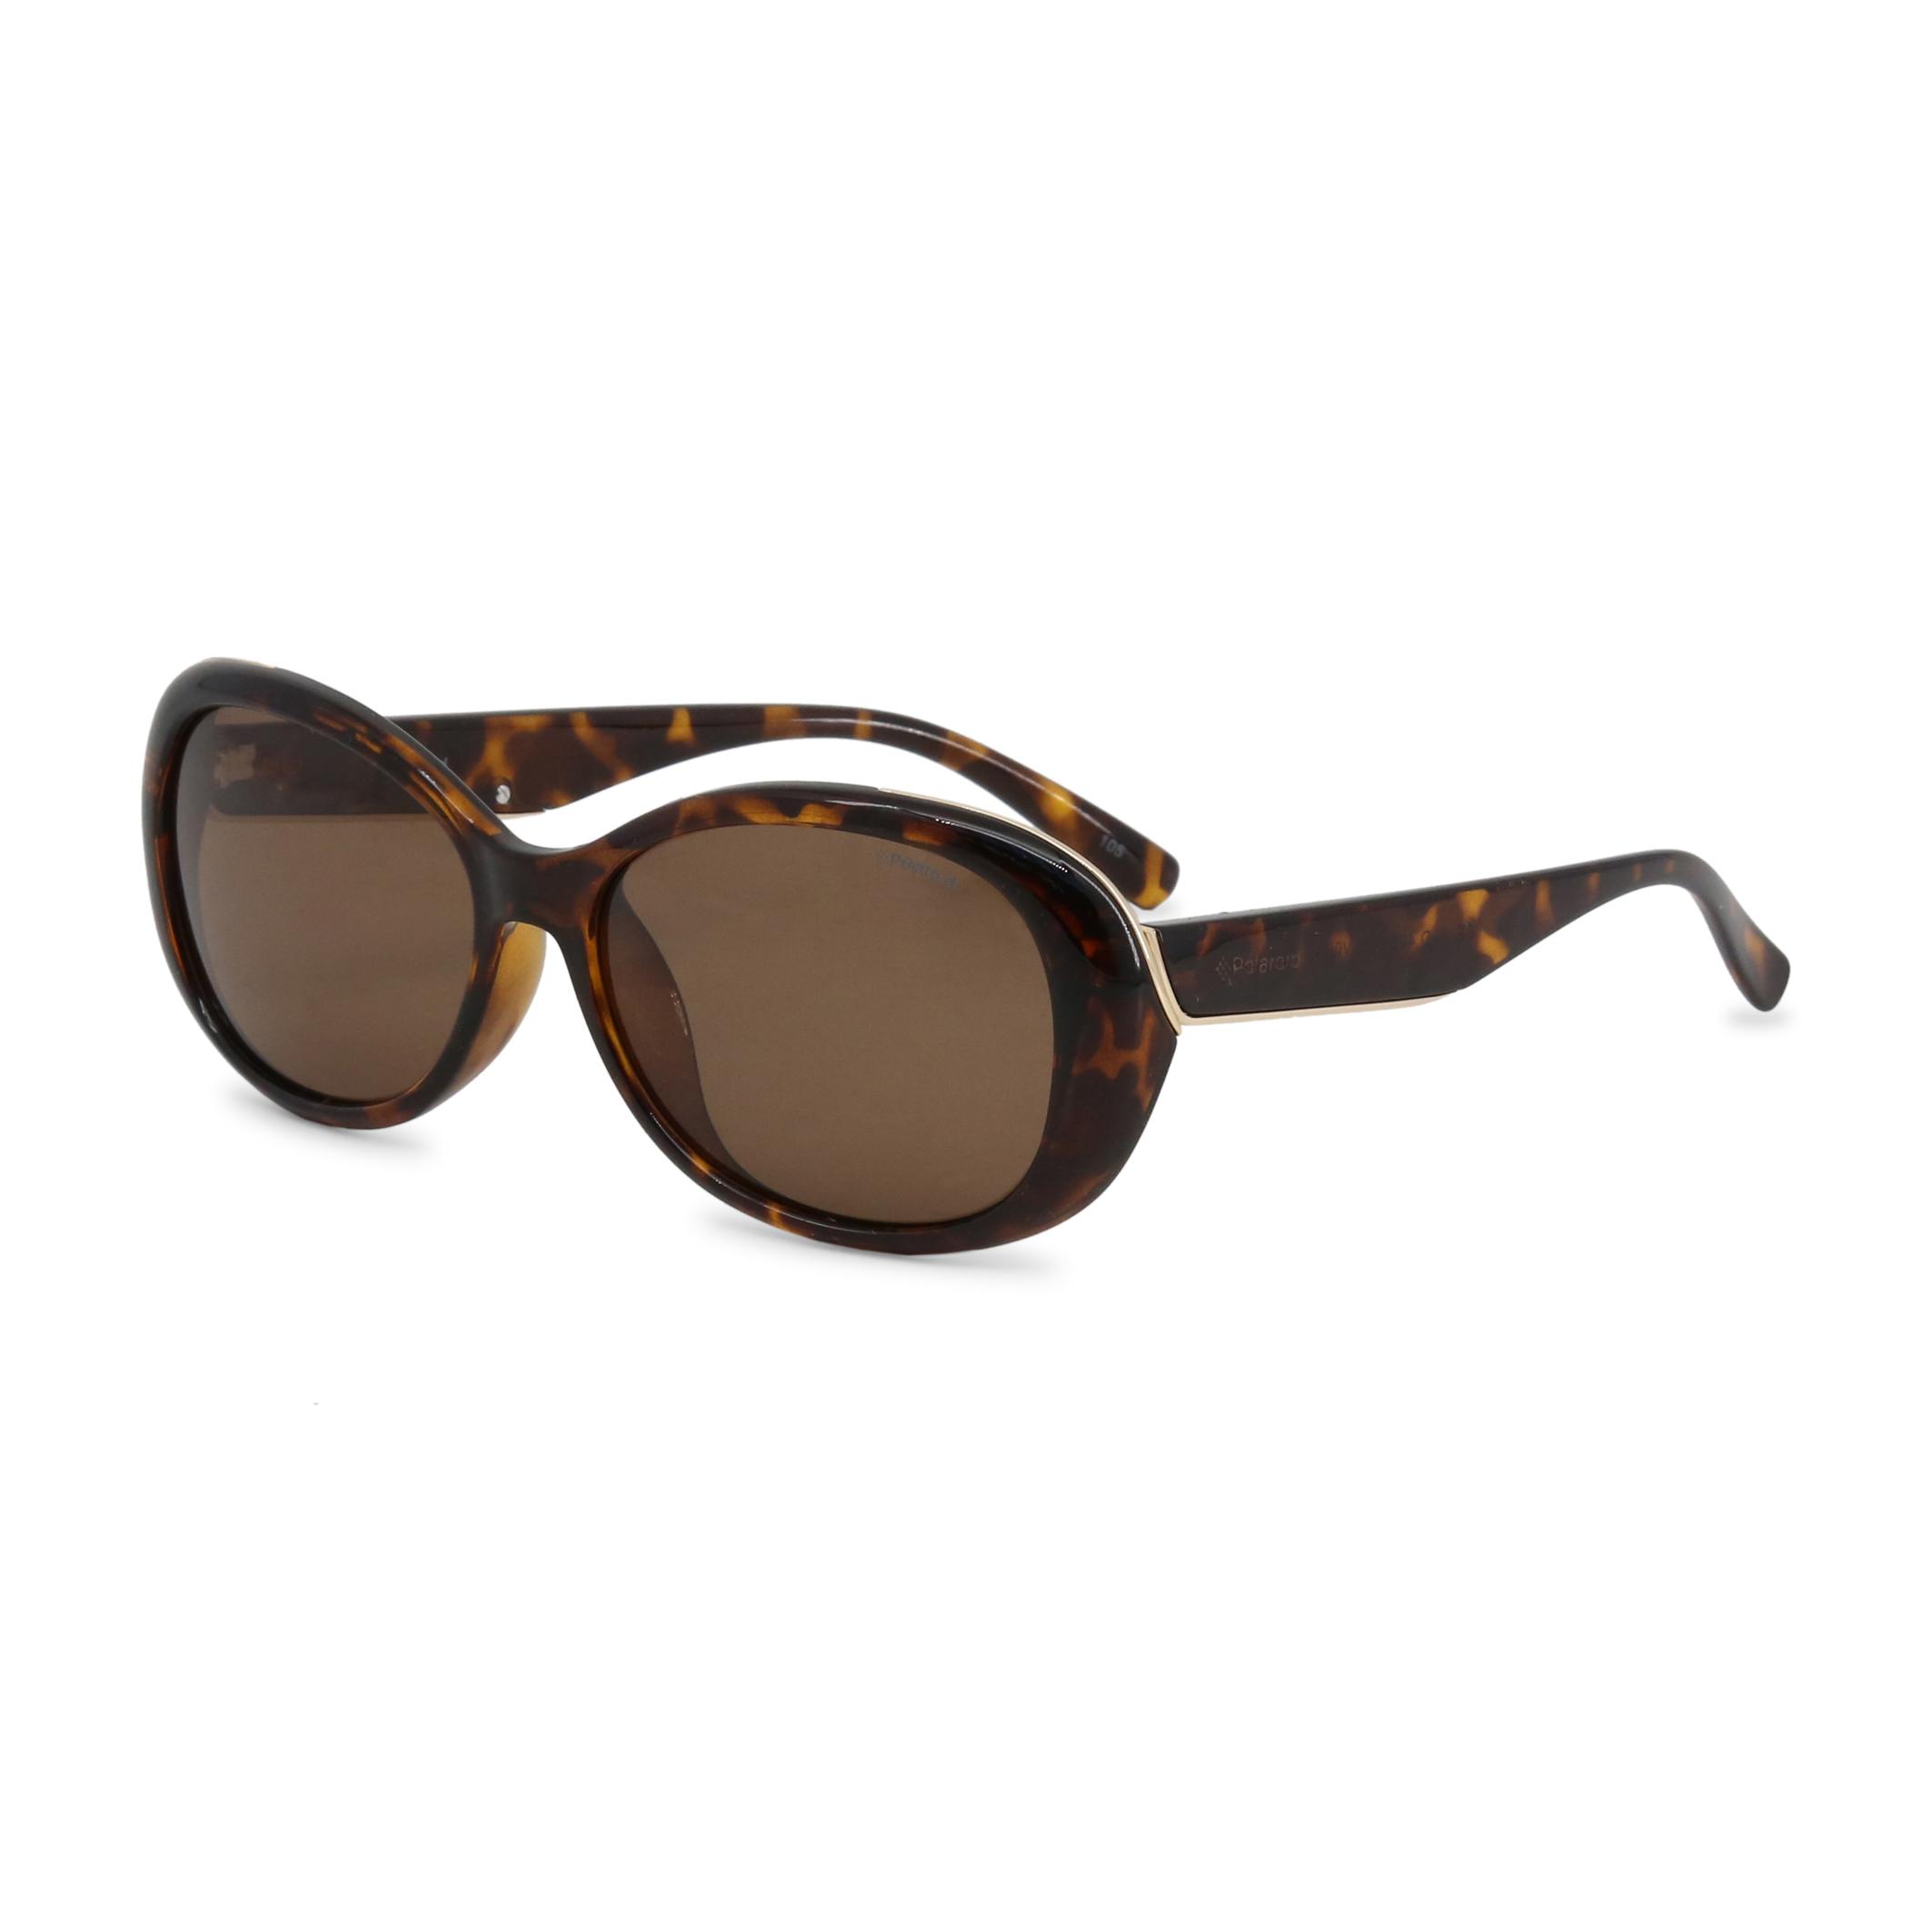 94c5961b99f85 Polaroid - Lunette de soleil couleur brun pour femme verre arrondi ...